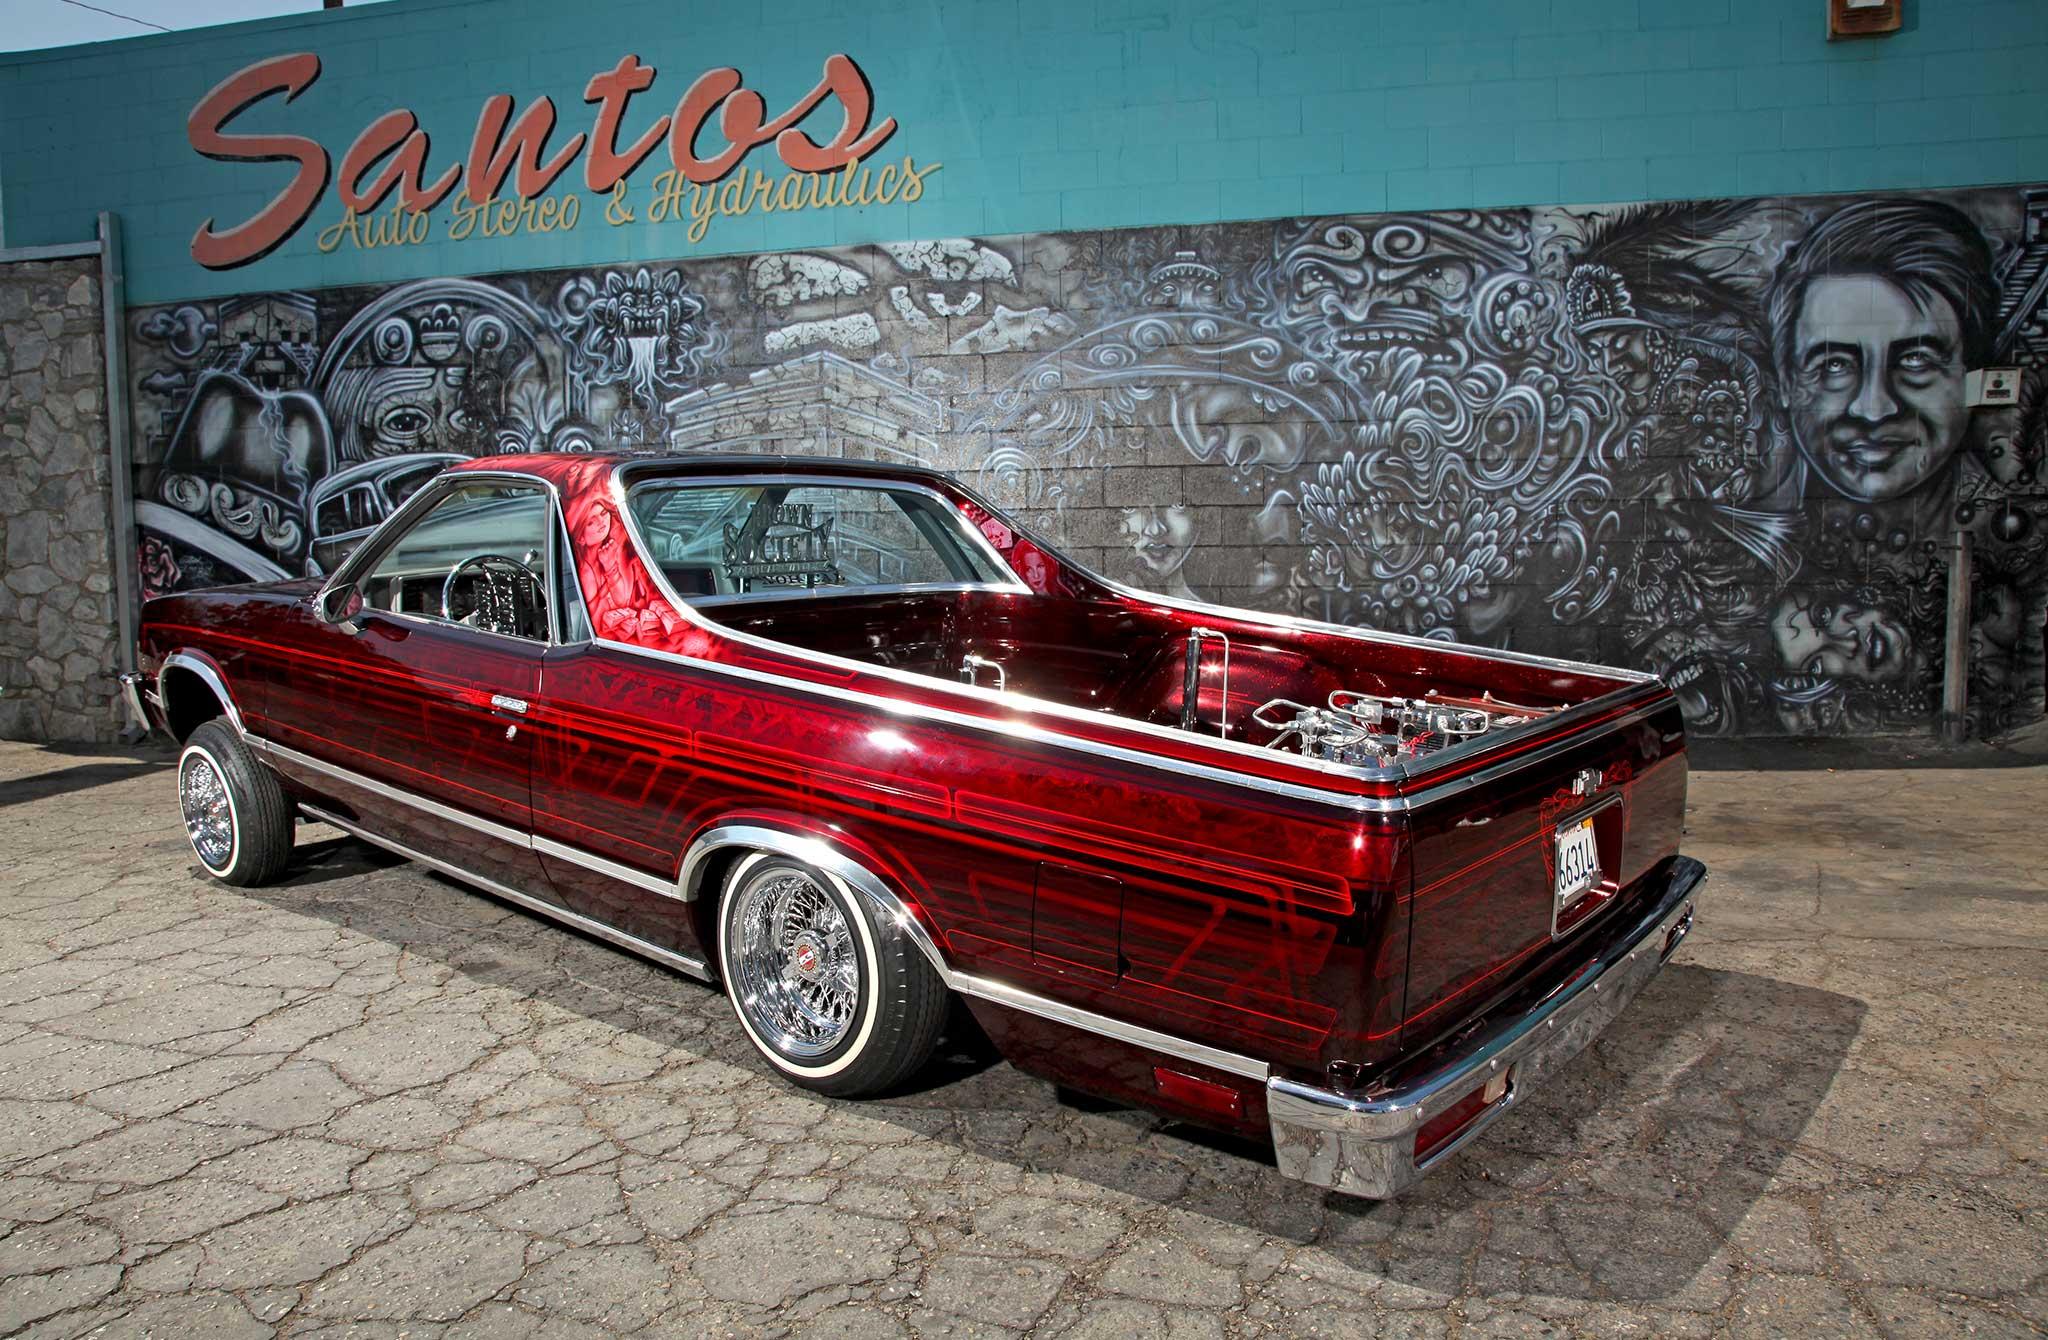 1985 Chevrolet El Camino - The Elco-Holic - Lowrider